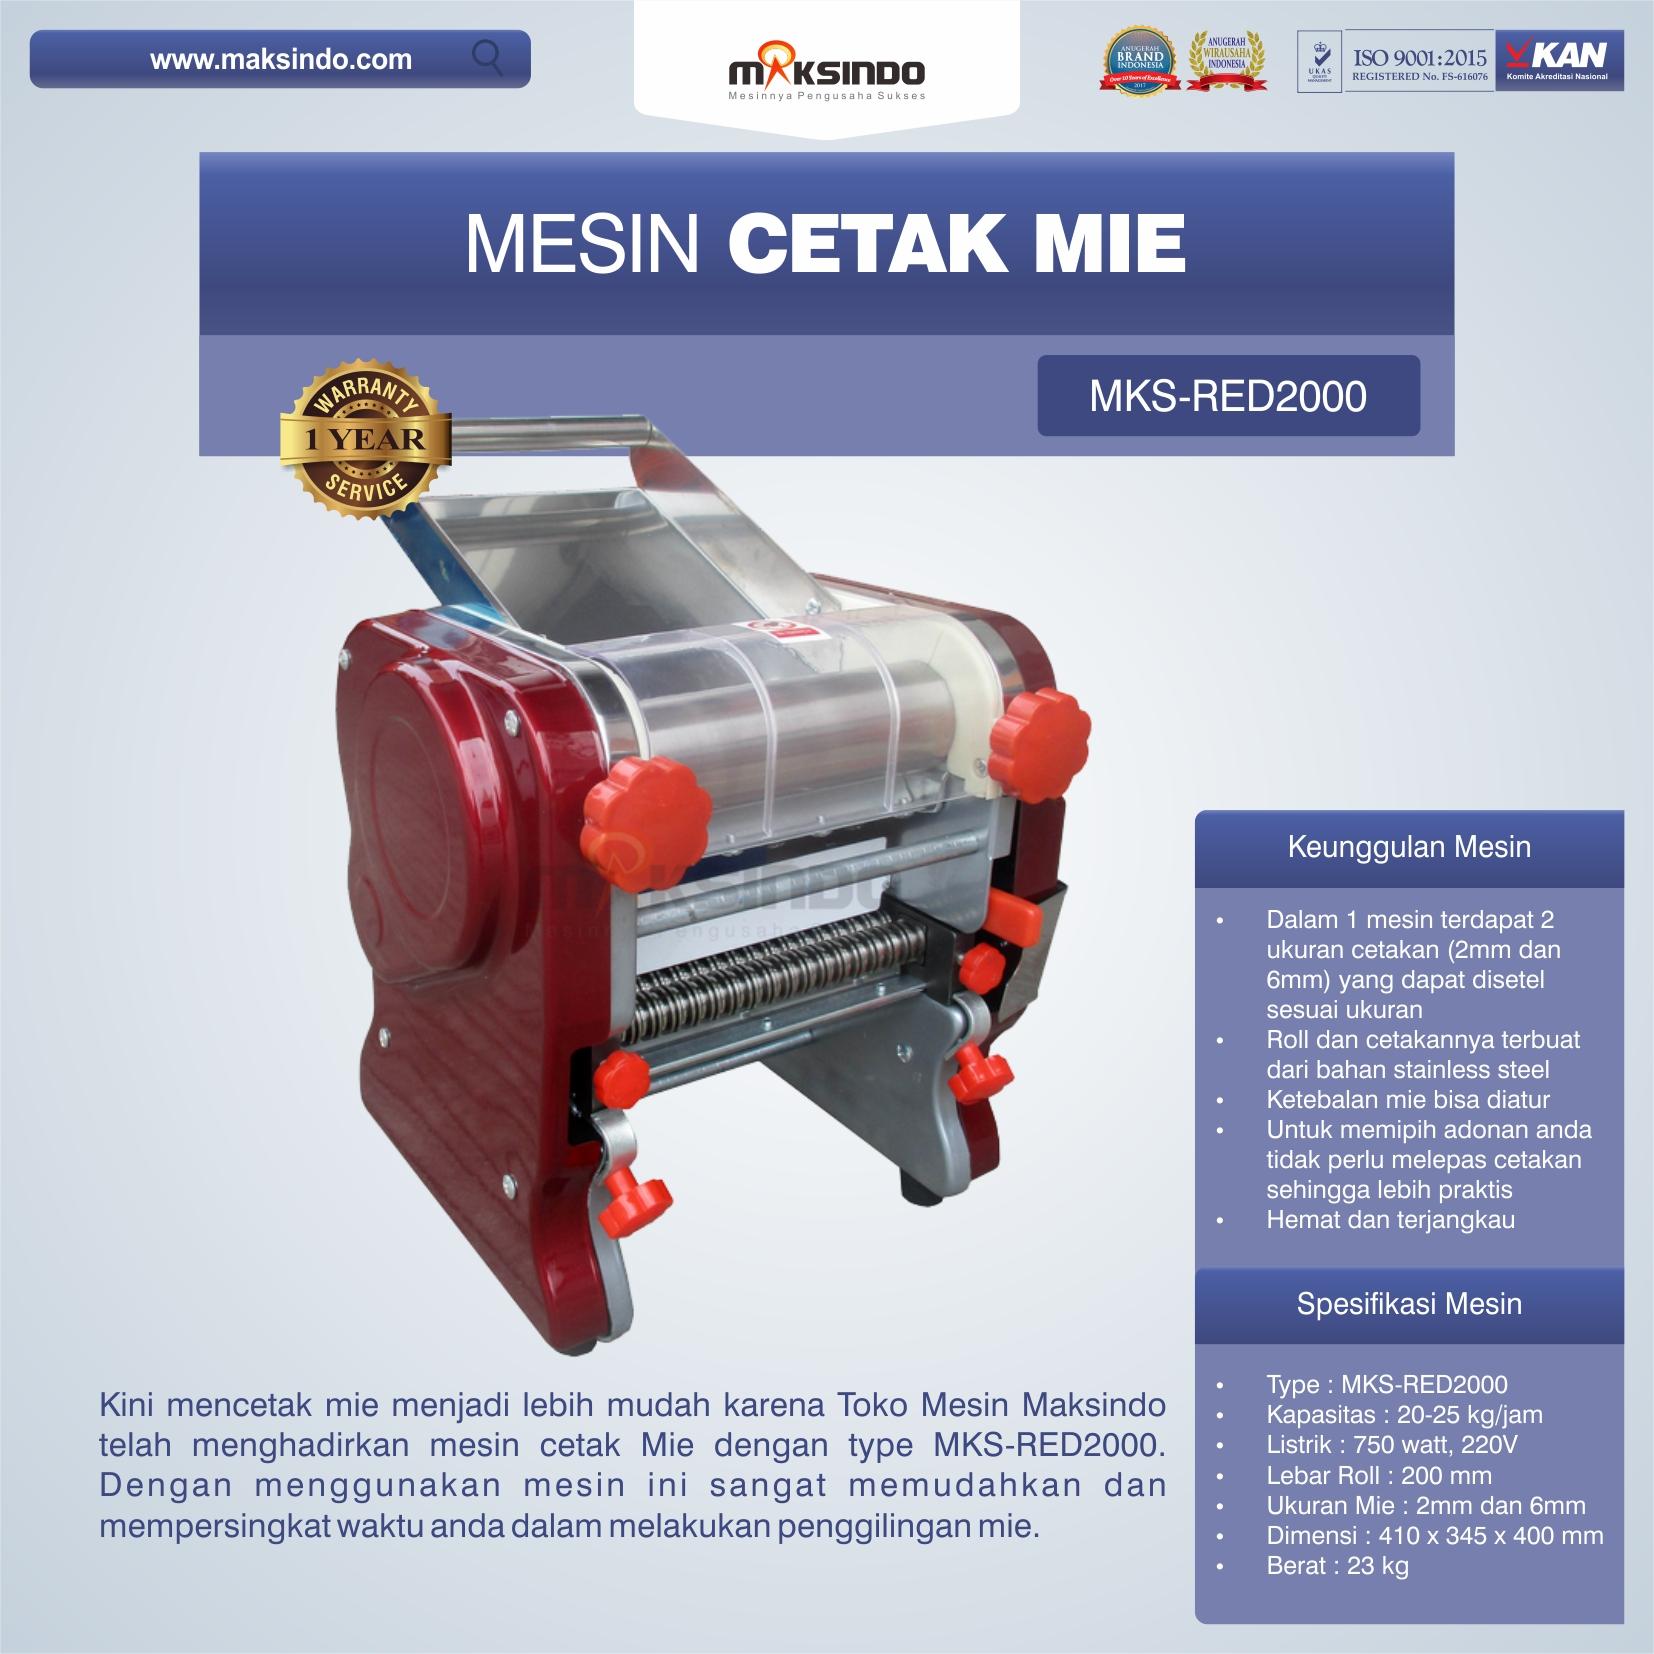 Jual Mesin Cetak Mie MKS-RED2000 di Bali